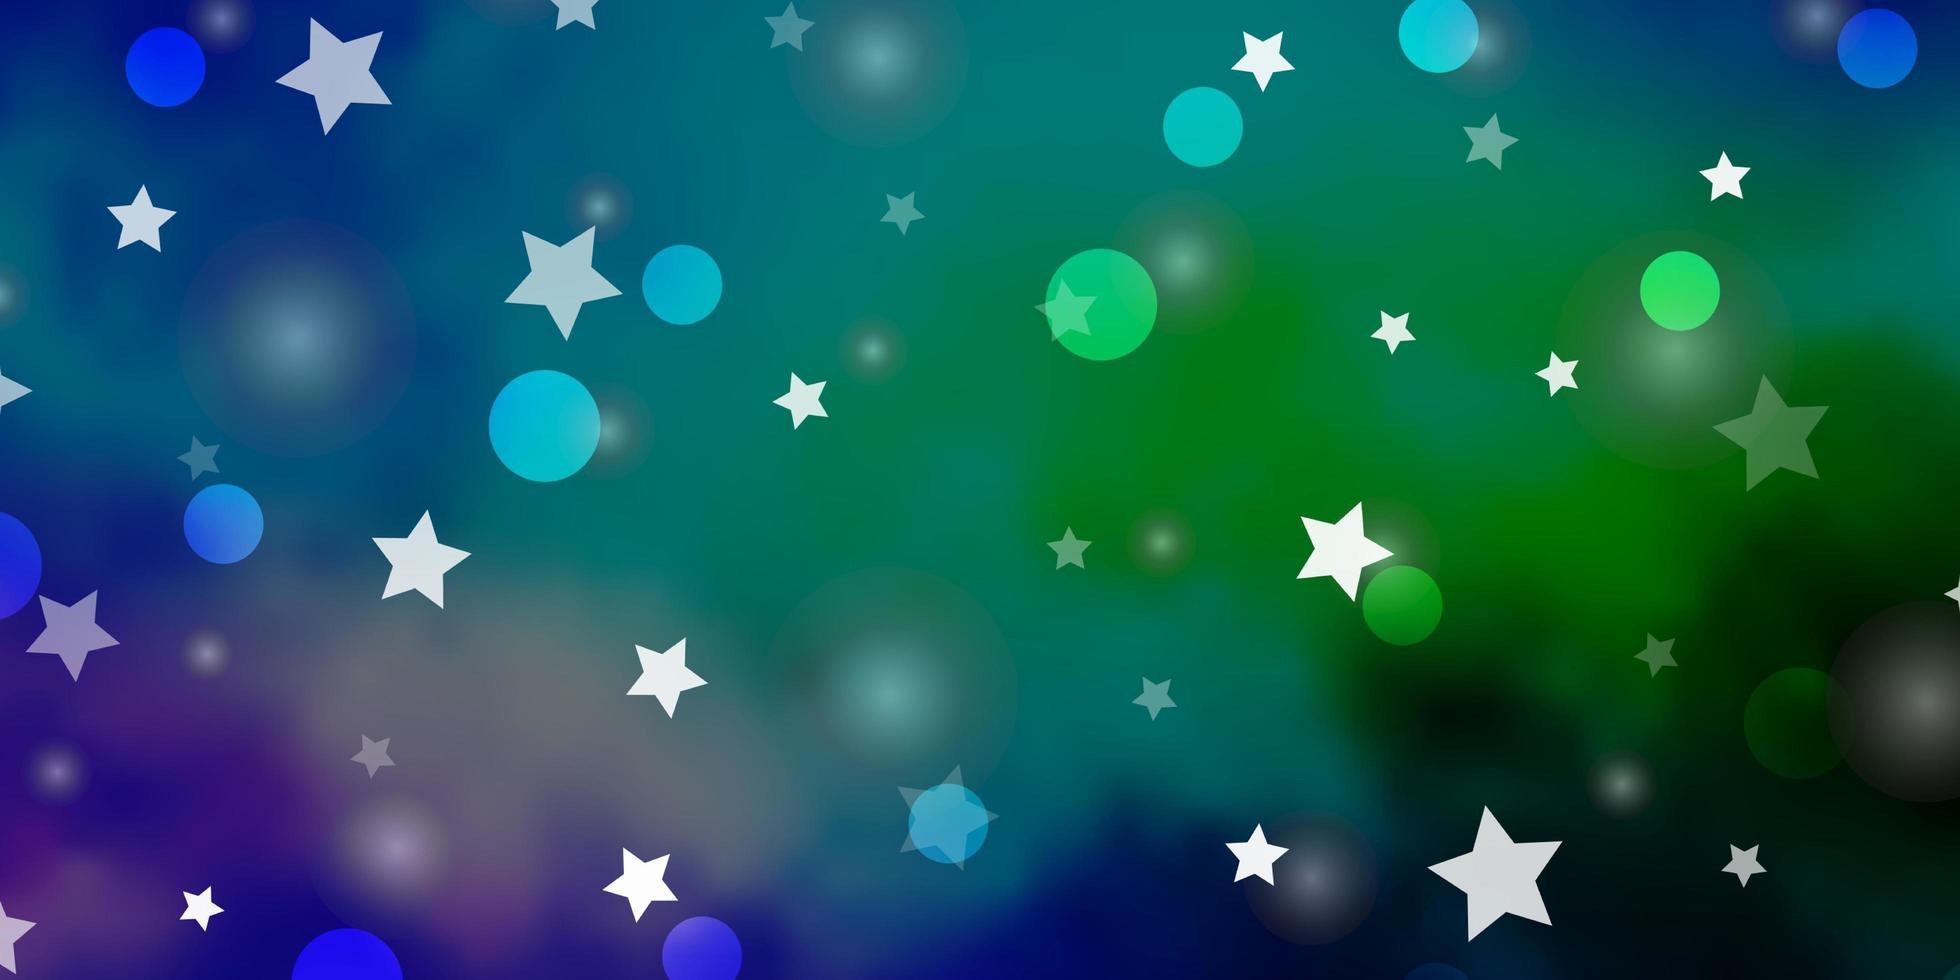 padrão azul e verde com círculos e estrelas. vetor